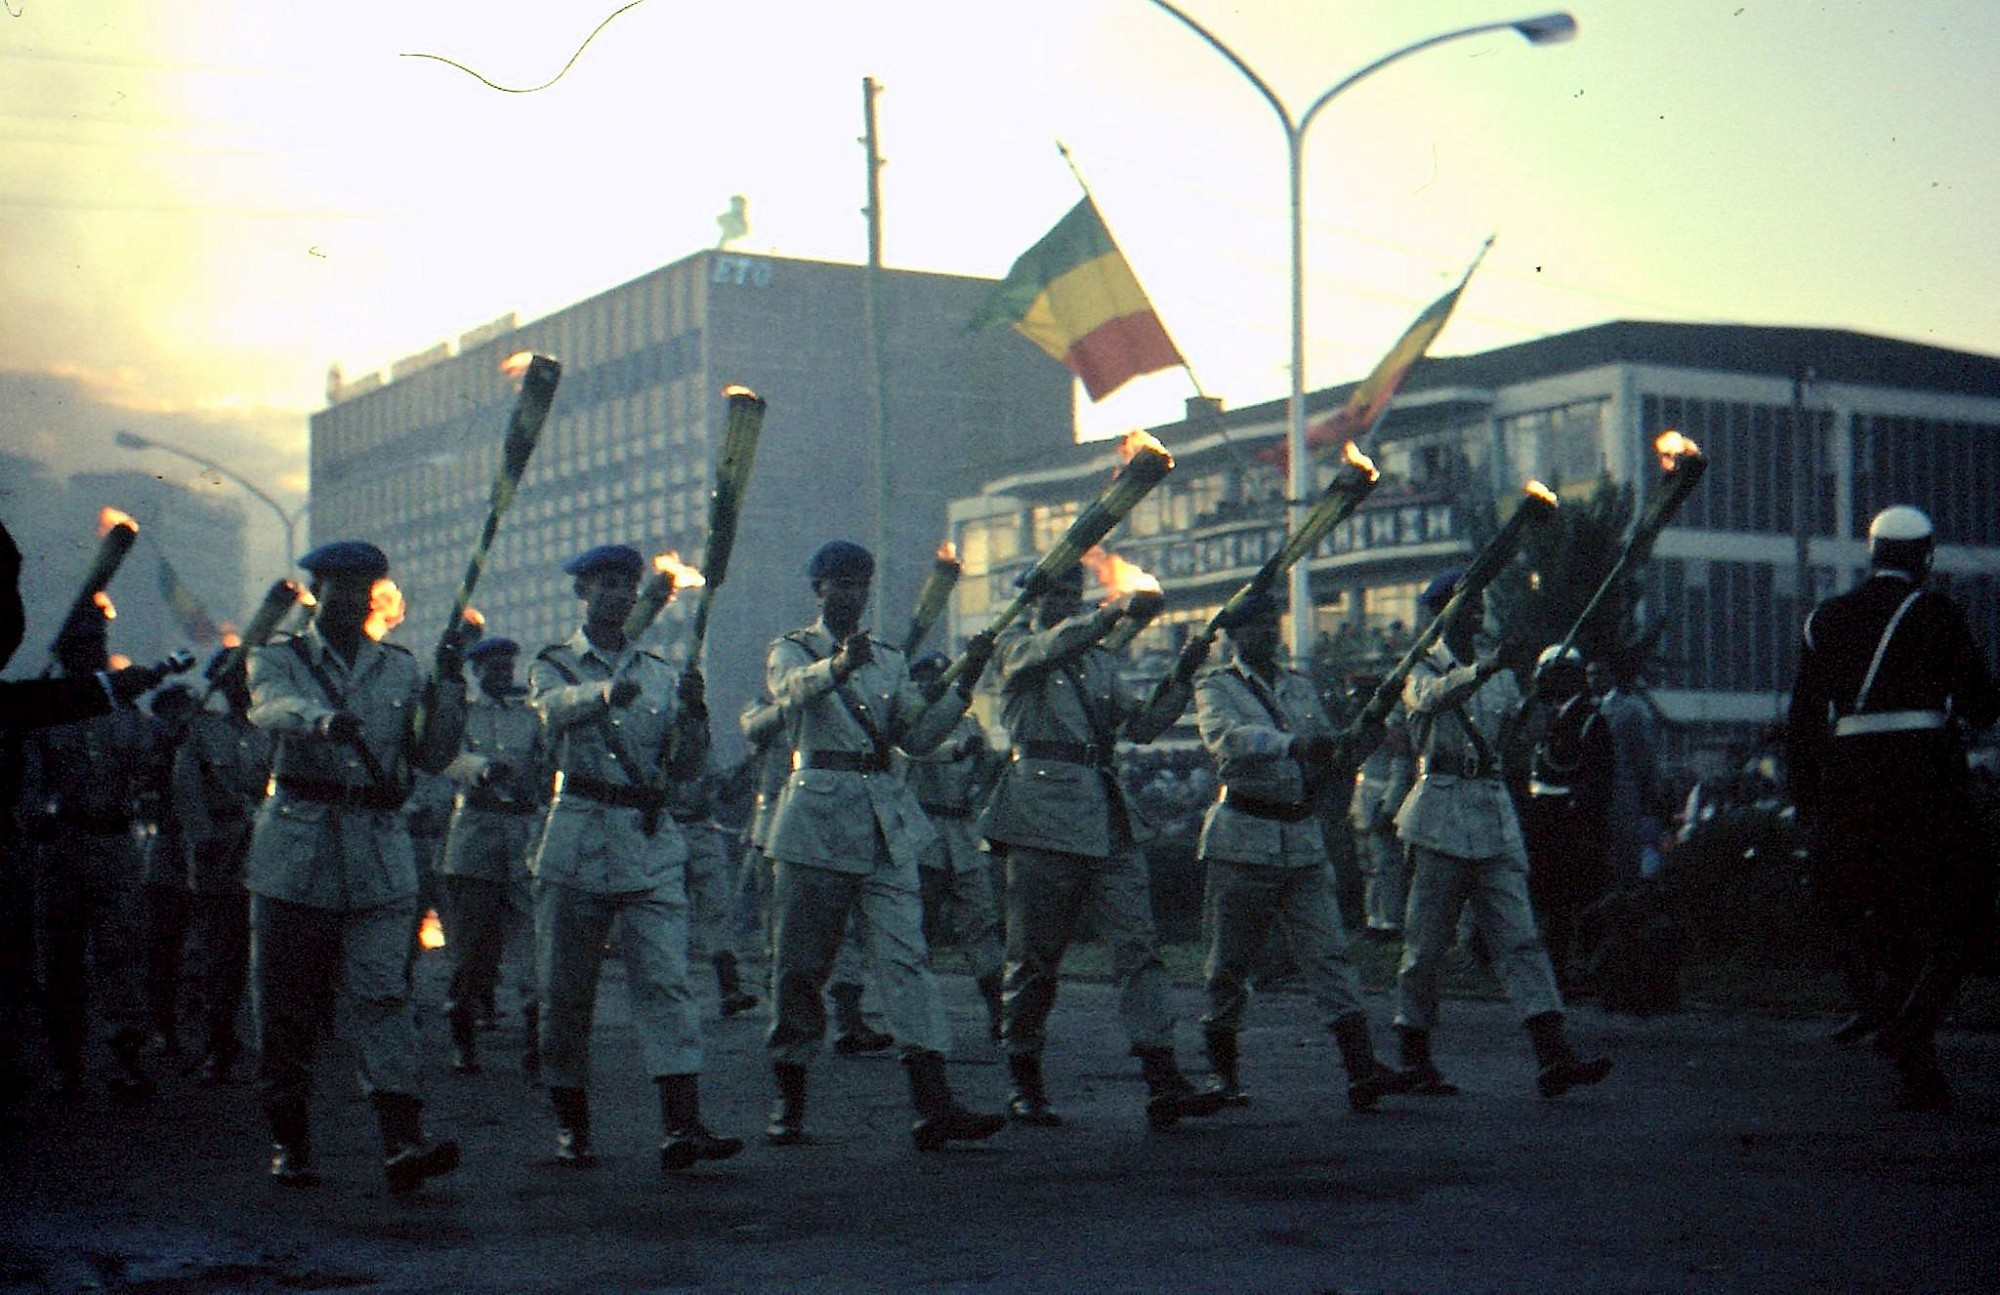 1968 Аддис-Абеба Факельное шествие в честь праздника крещения Иисуса Христа в Иордане от Иоанна Крестителя